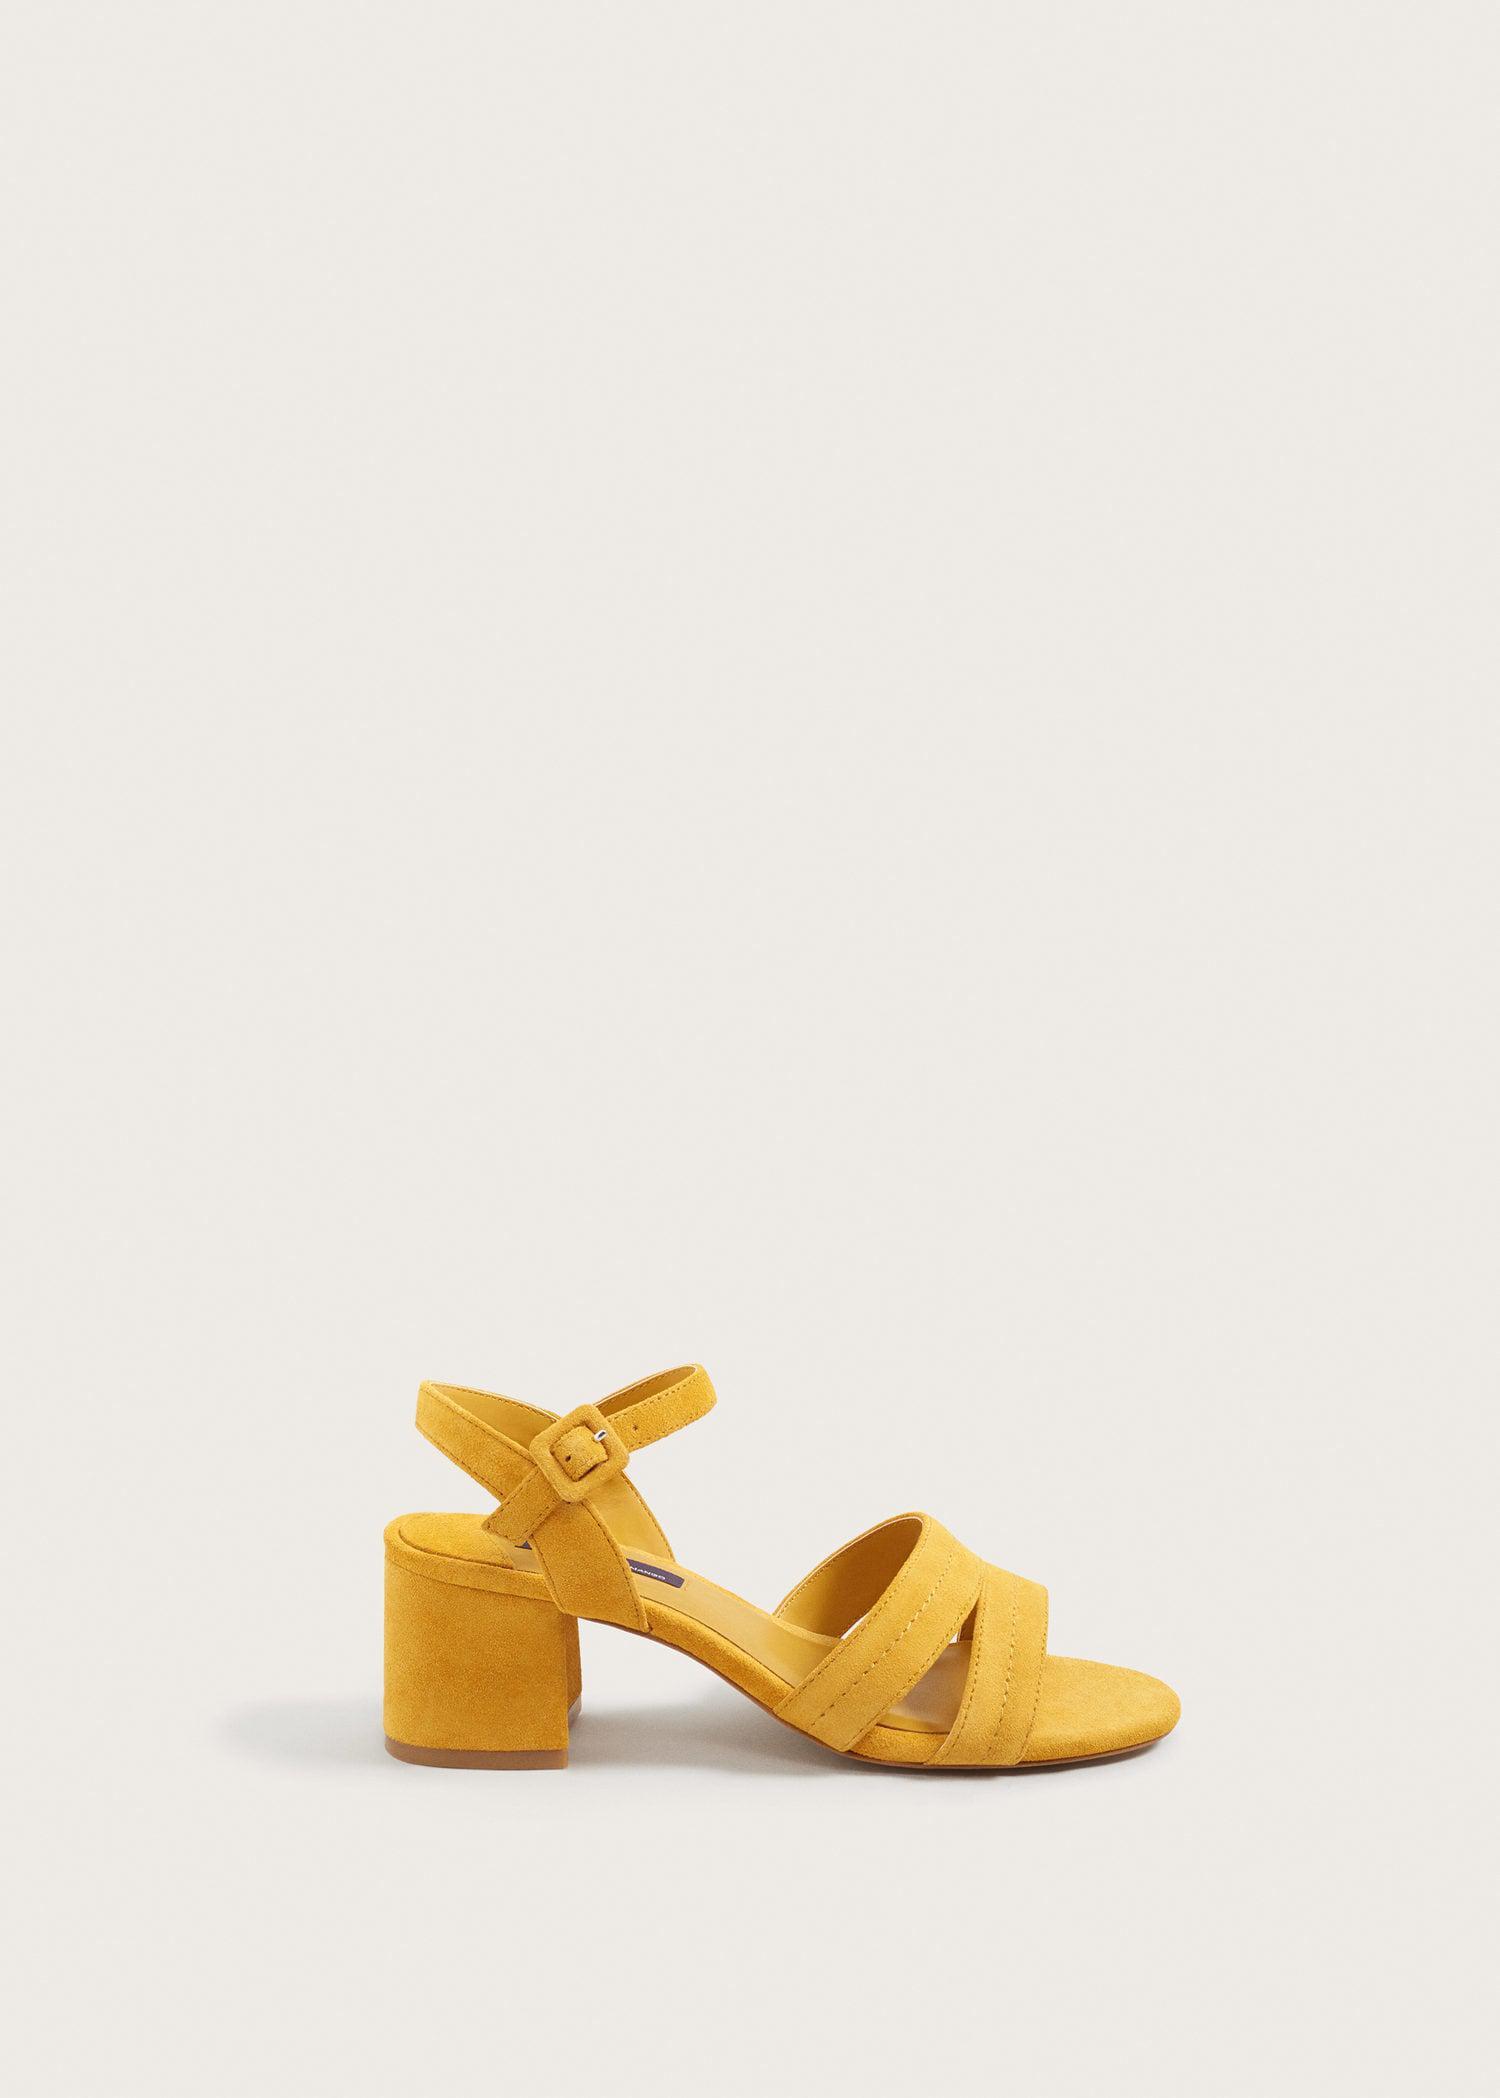 Nâº21 Boucle Sandales À Bout Ouvert - Jaune Et Orange CQrEYEU